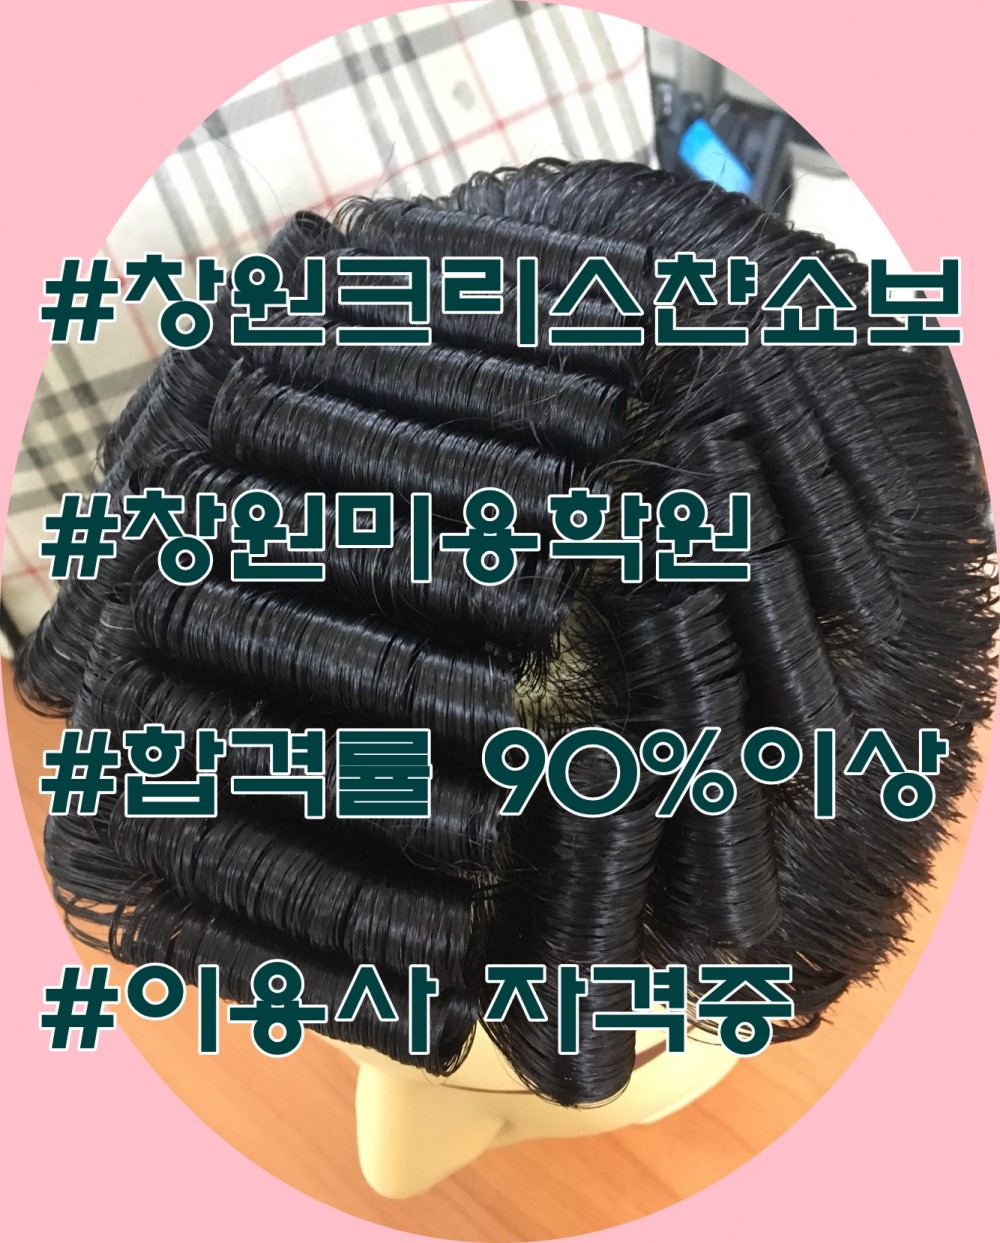 9c57e51d23c8a0940ae252f0140d8441_1556943317_4616.jpg